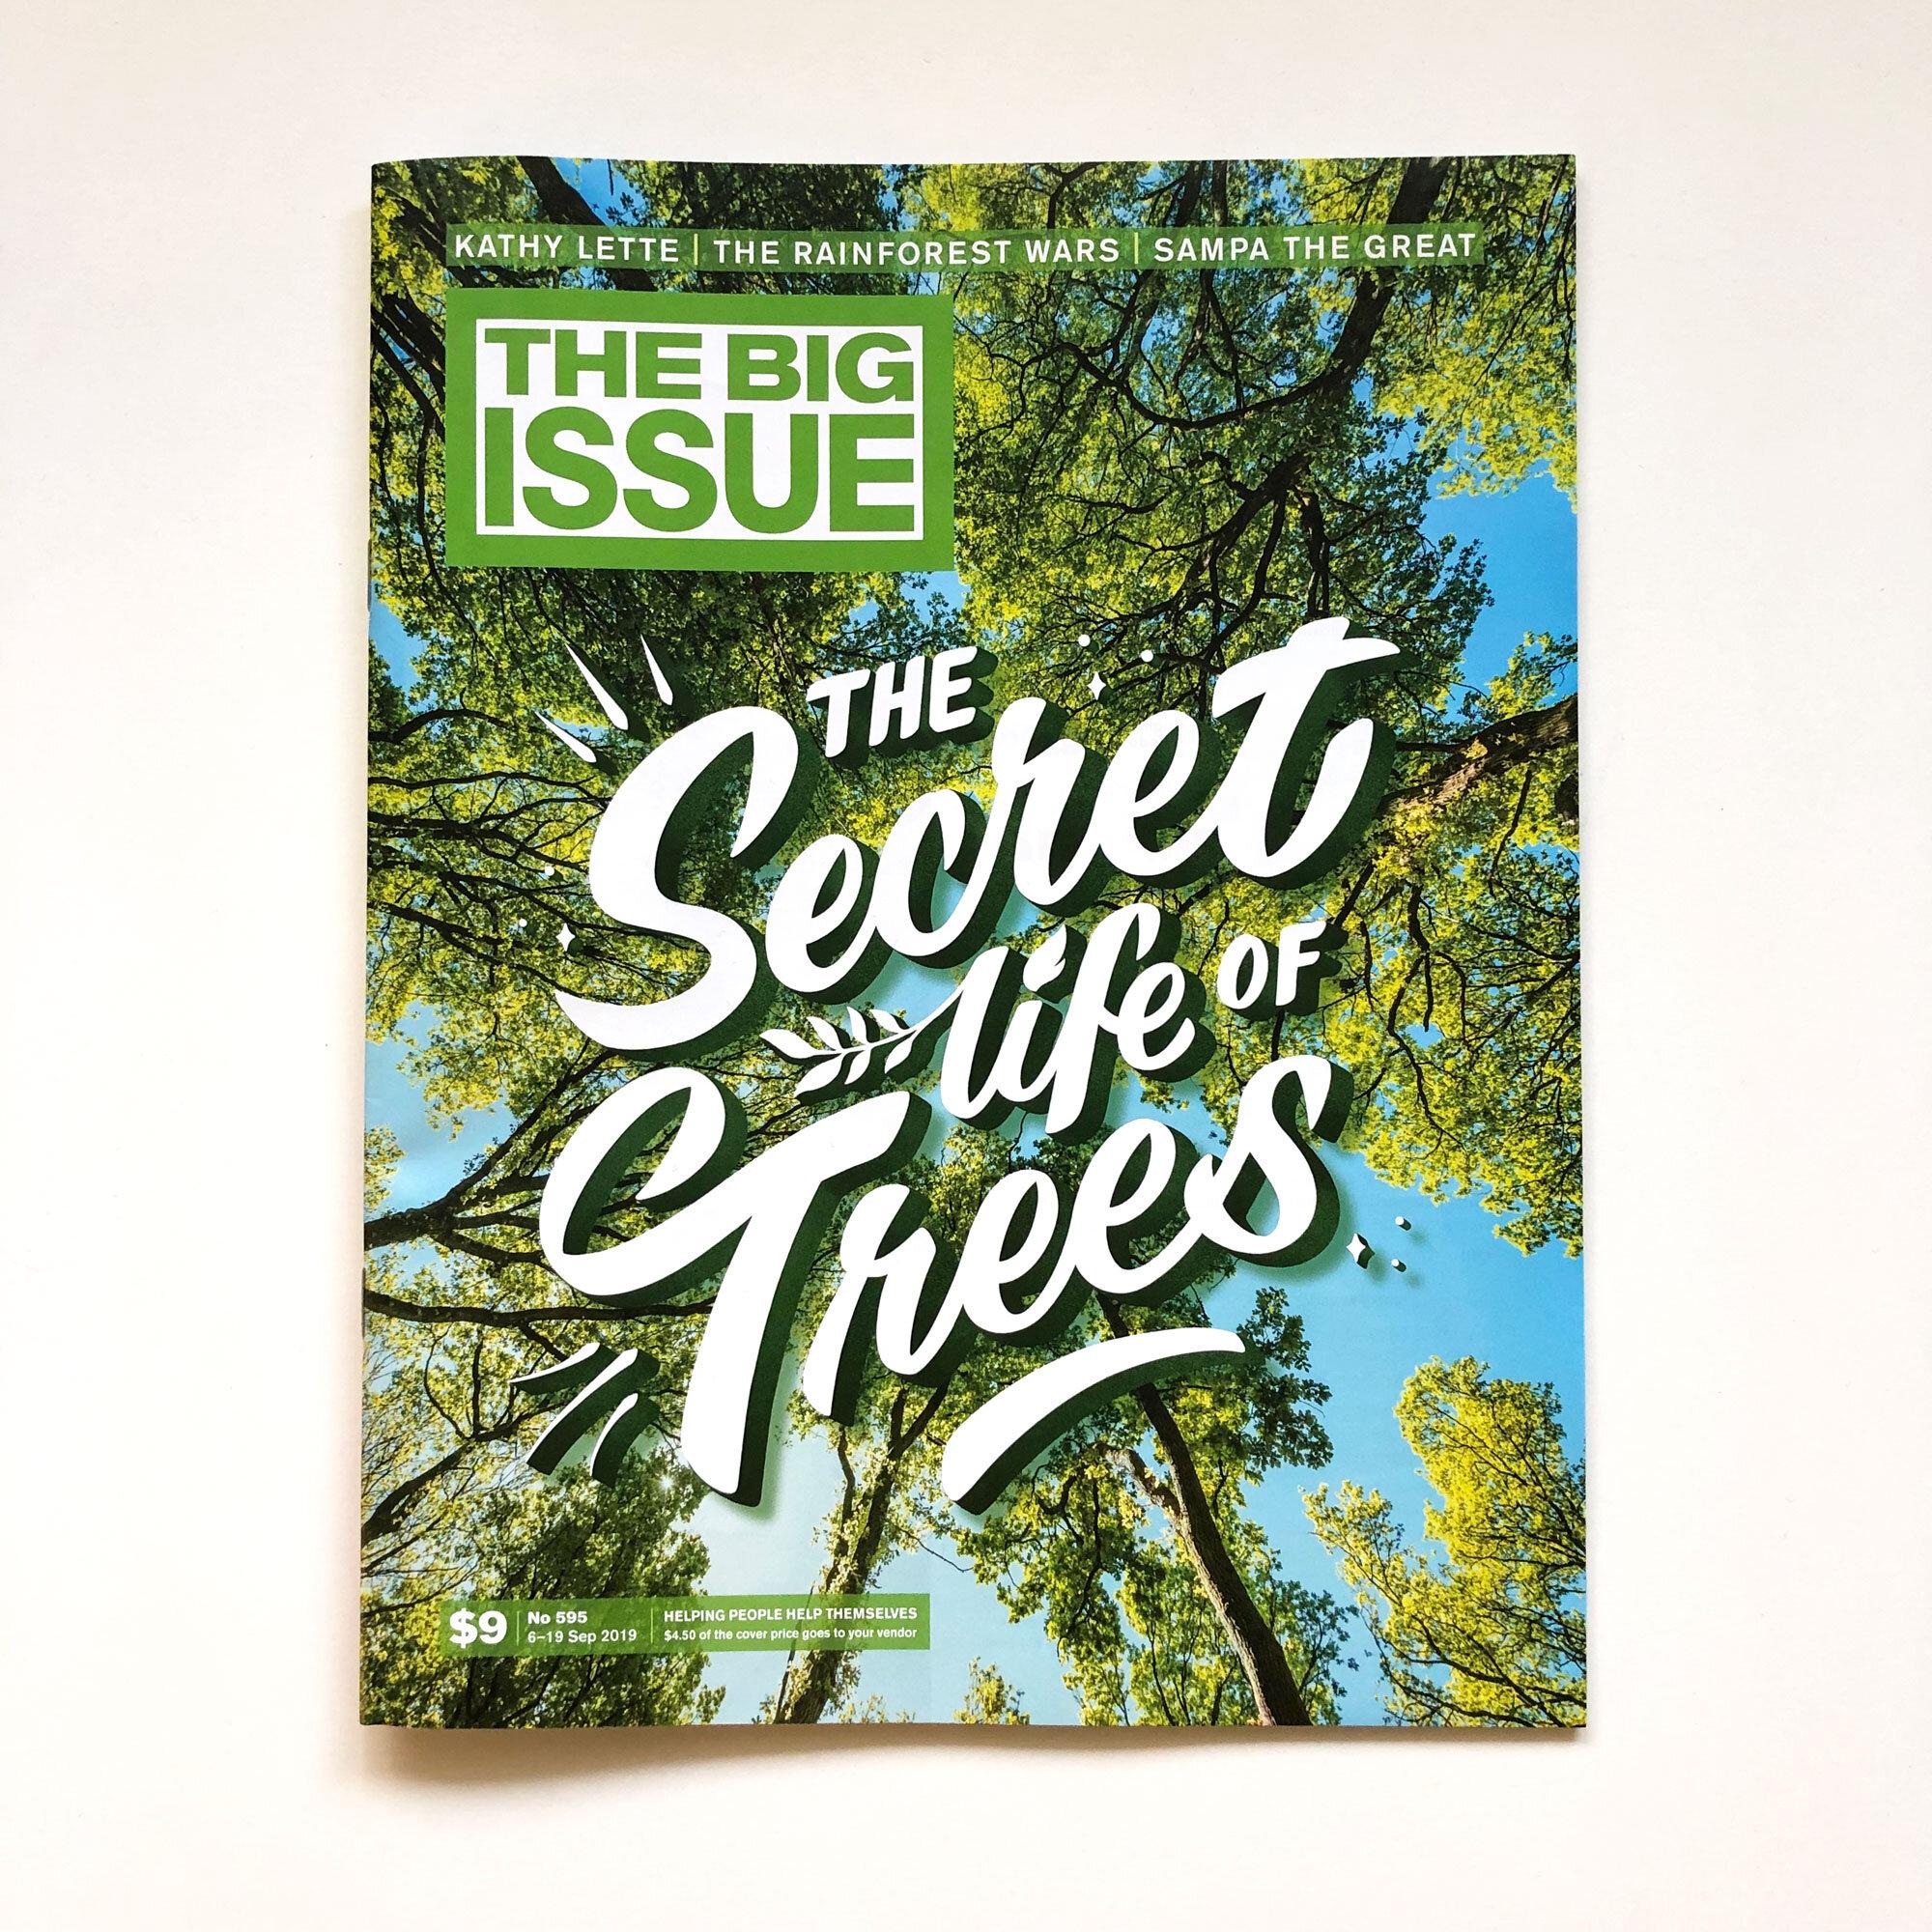 SecretTrees-Casey-TBI.jpg